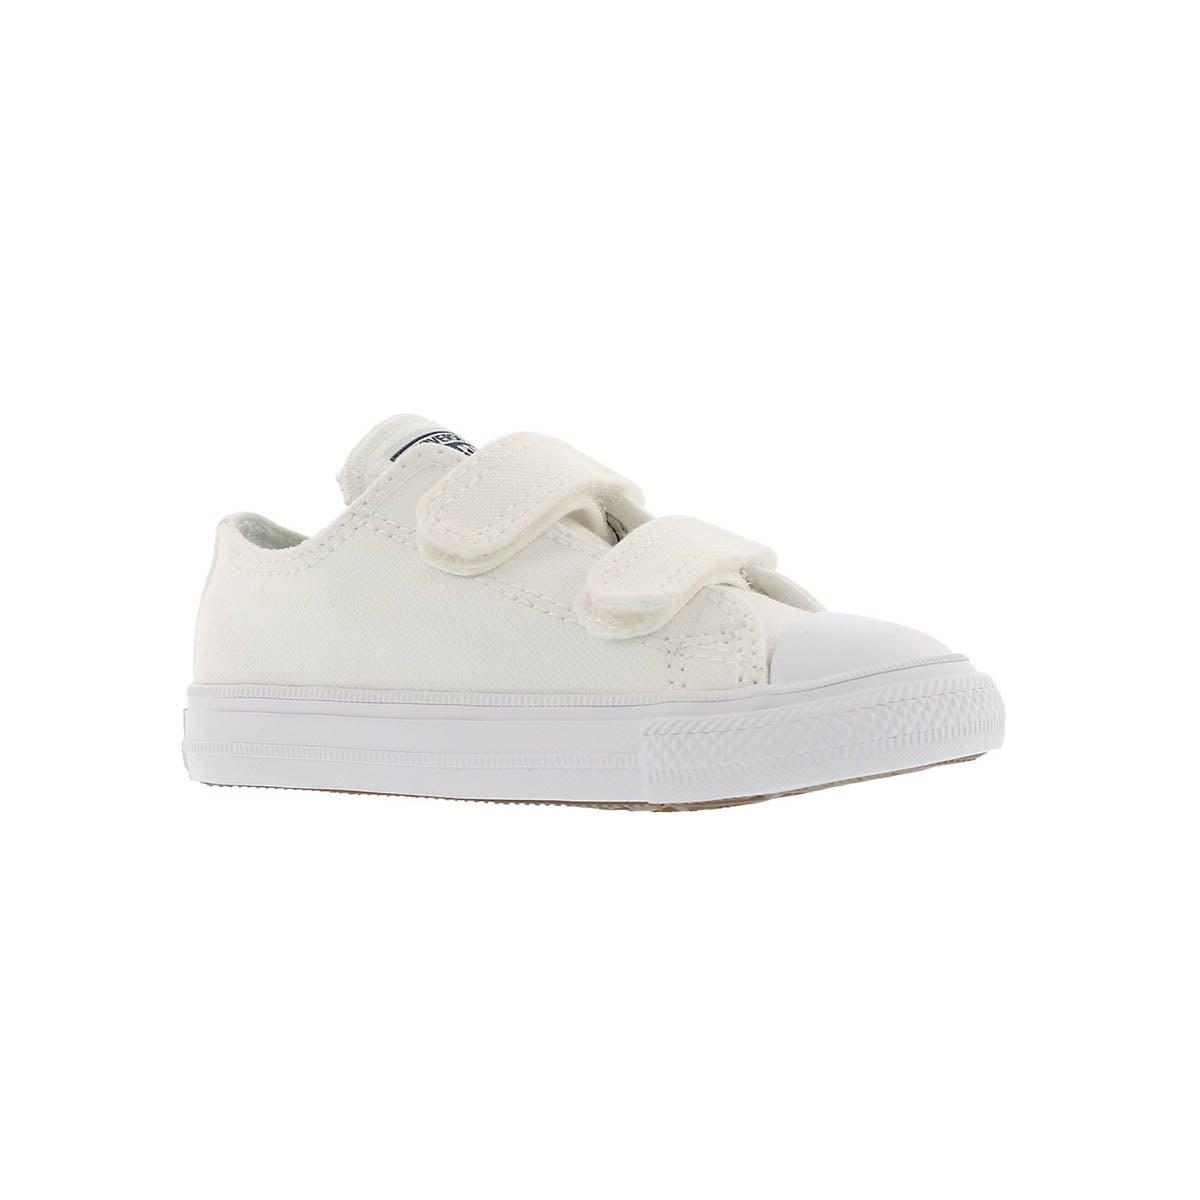 Infants' CT ALL STAR II 2V white/navy sneakers